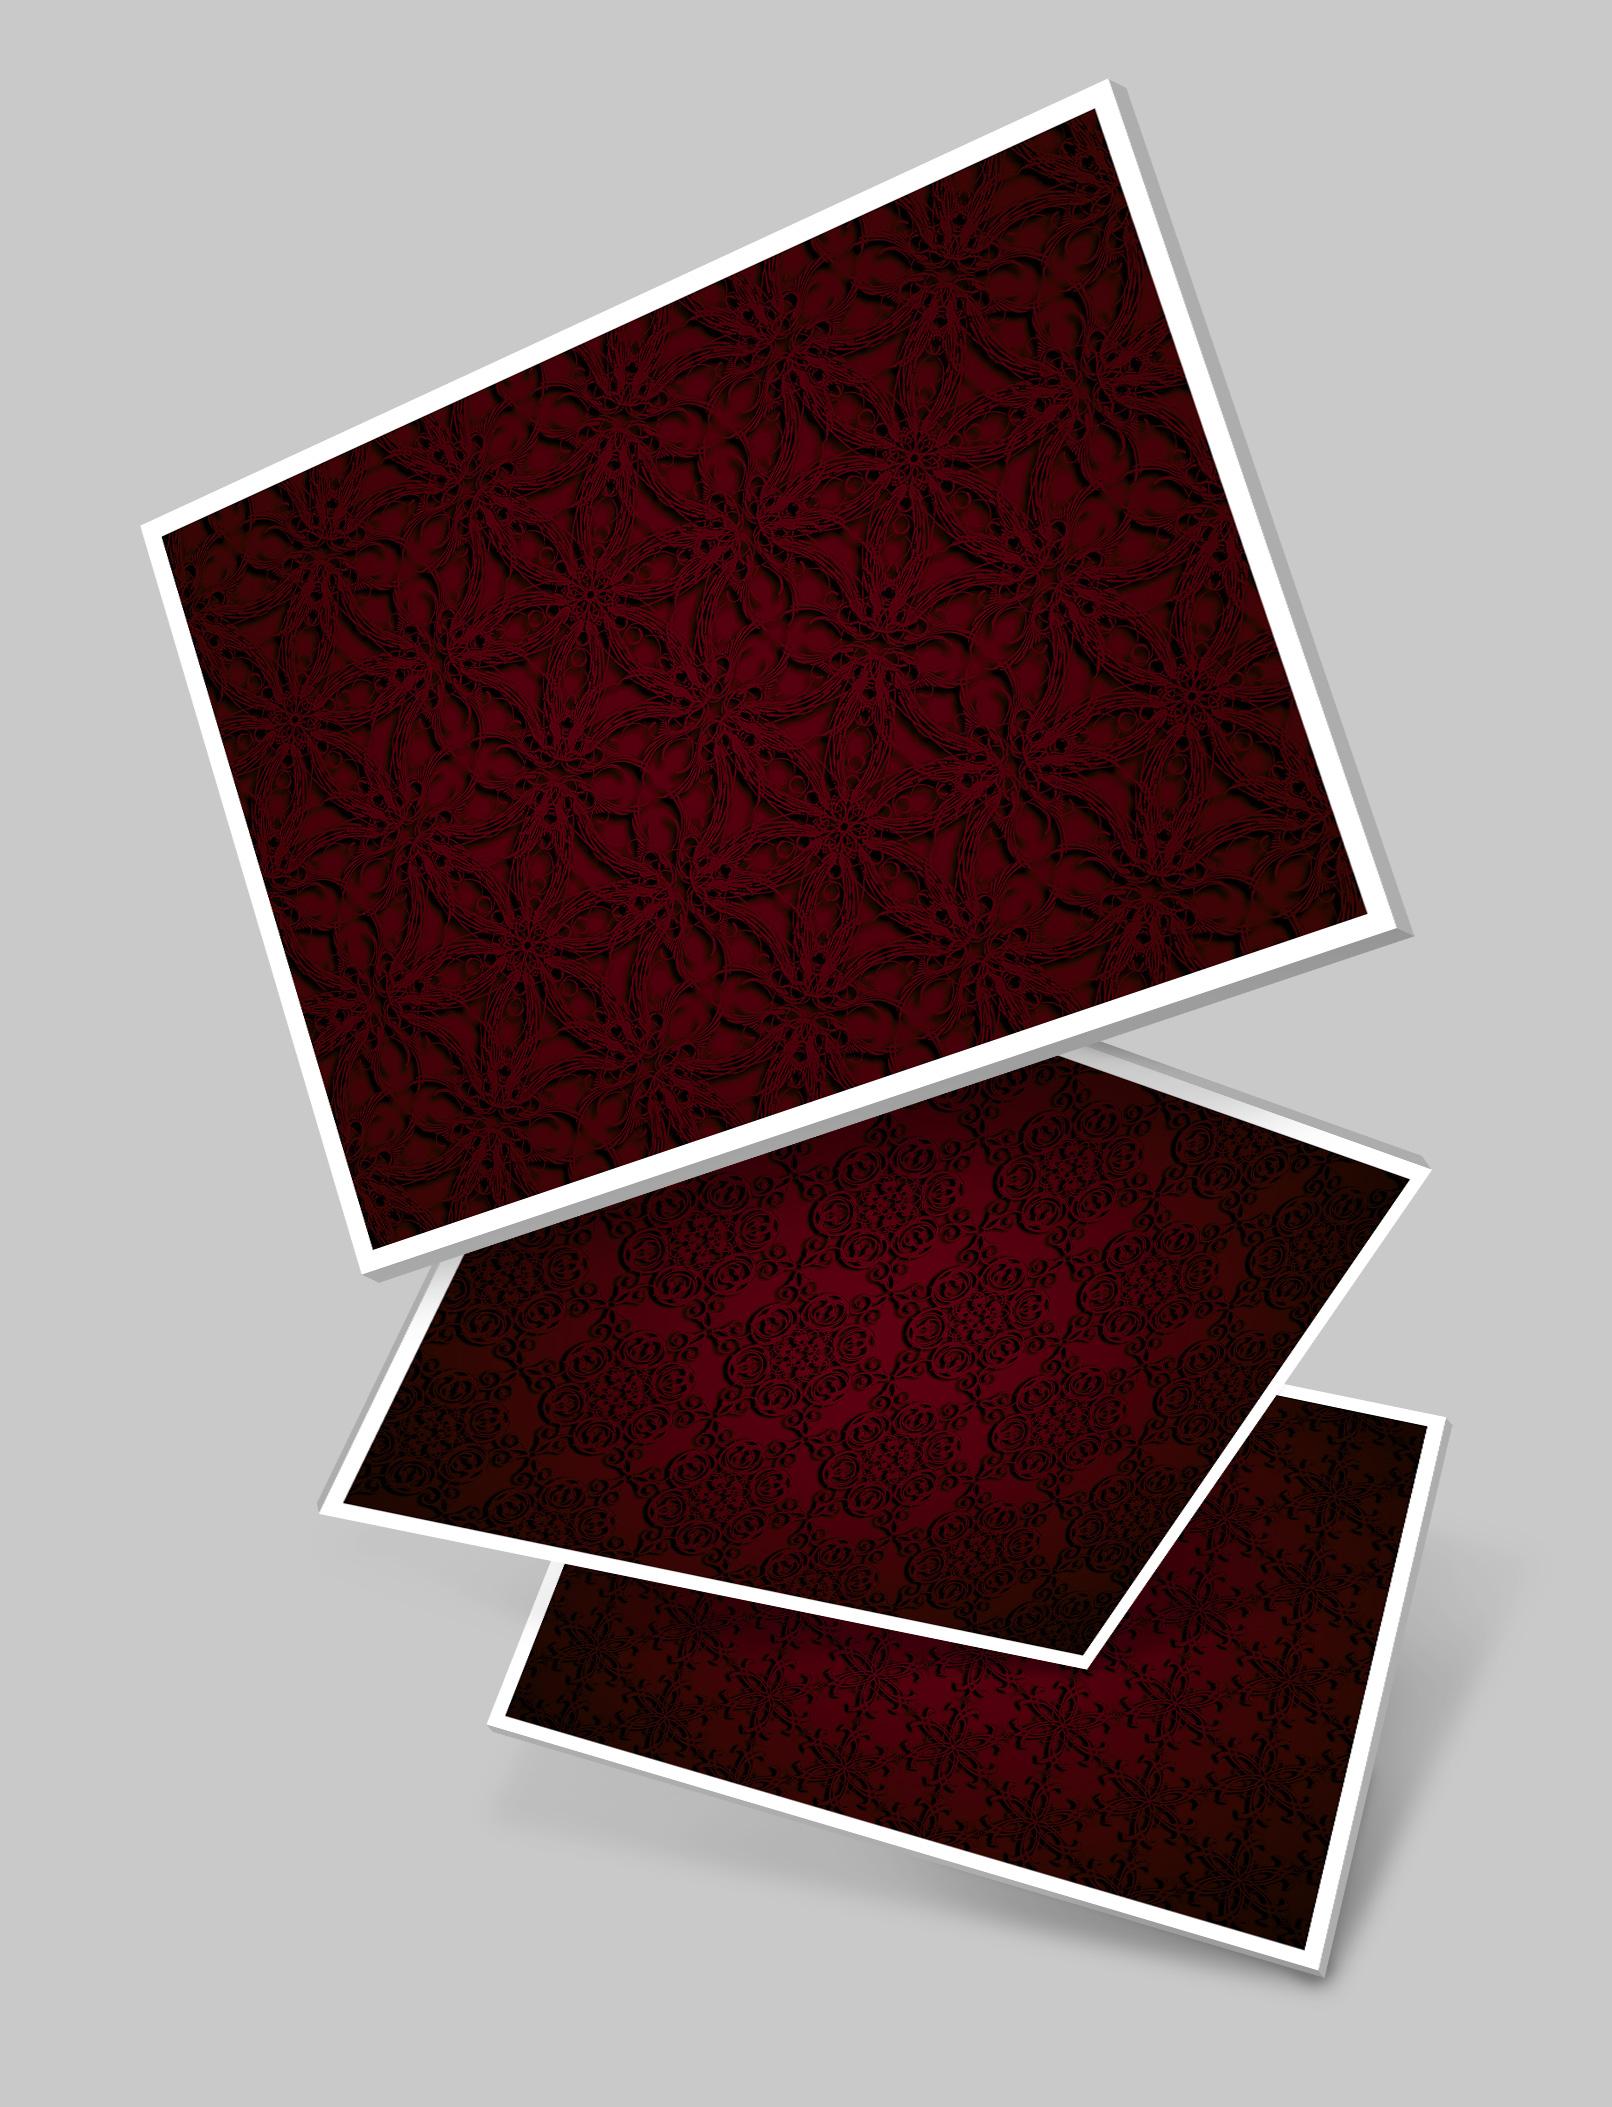 Roter Hintergrund: drei Beispiele der im Paket enthaltenen Bilder